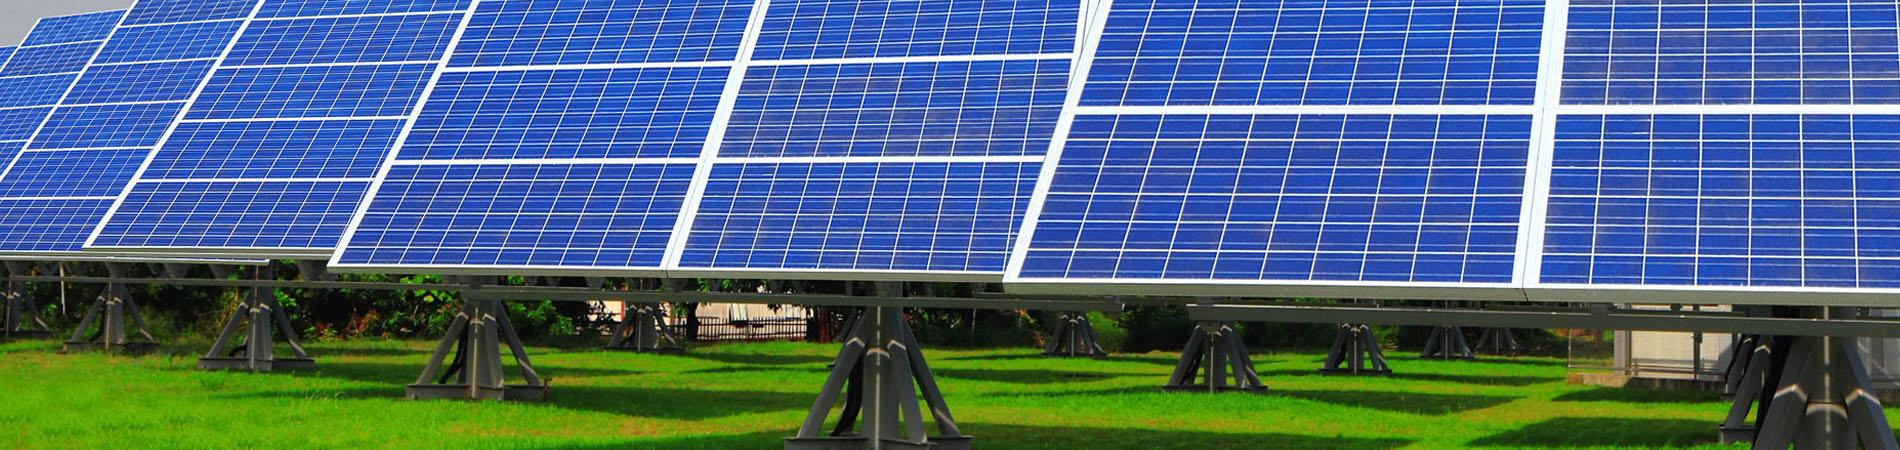 Izolatii speciale pentru instalatii de panouri solare